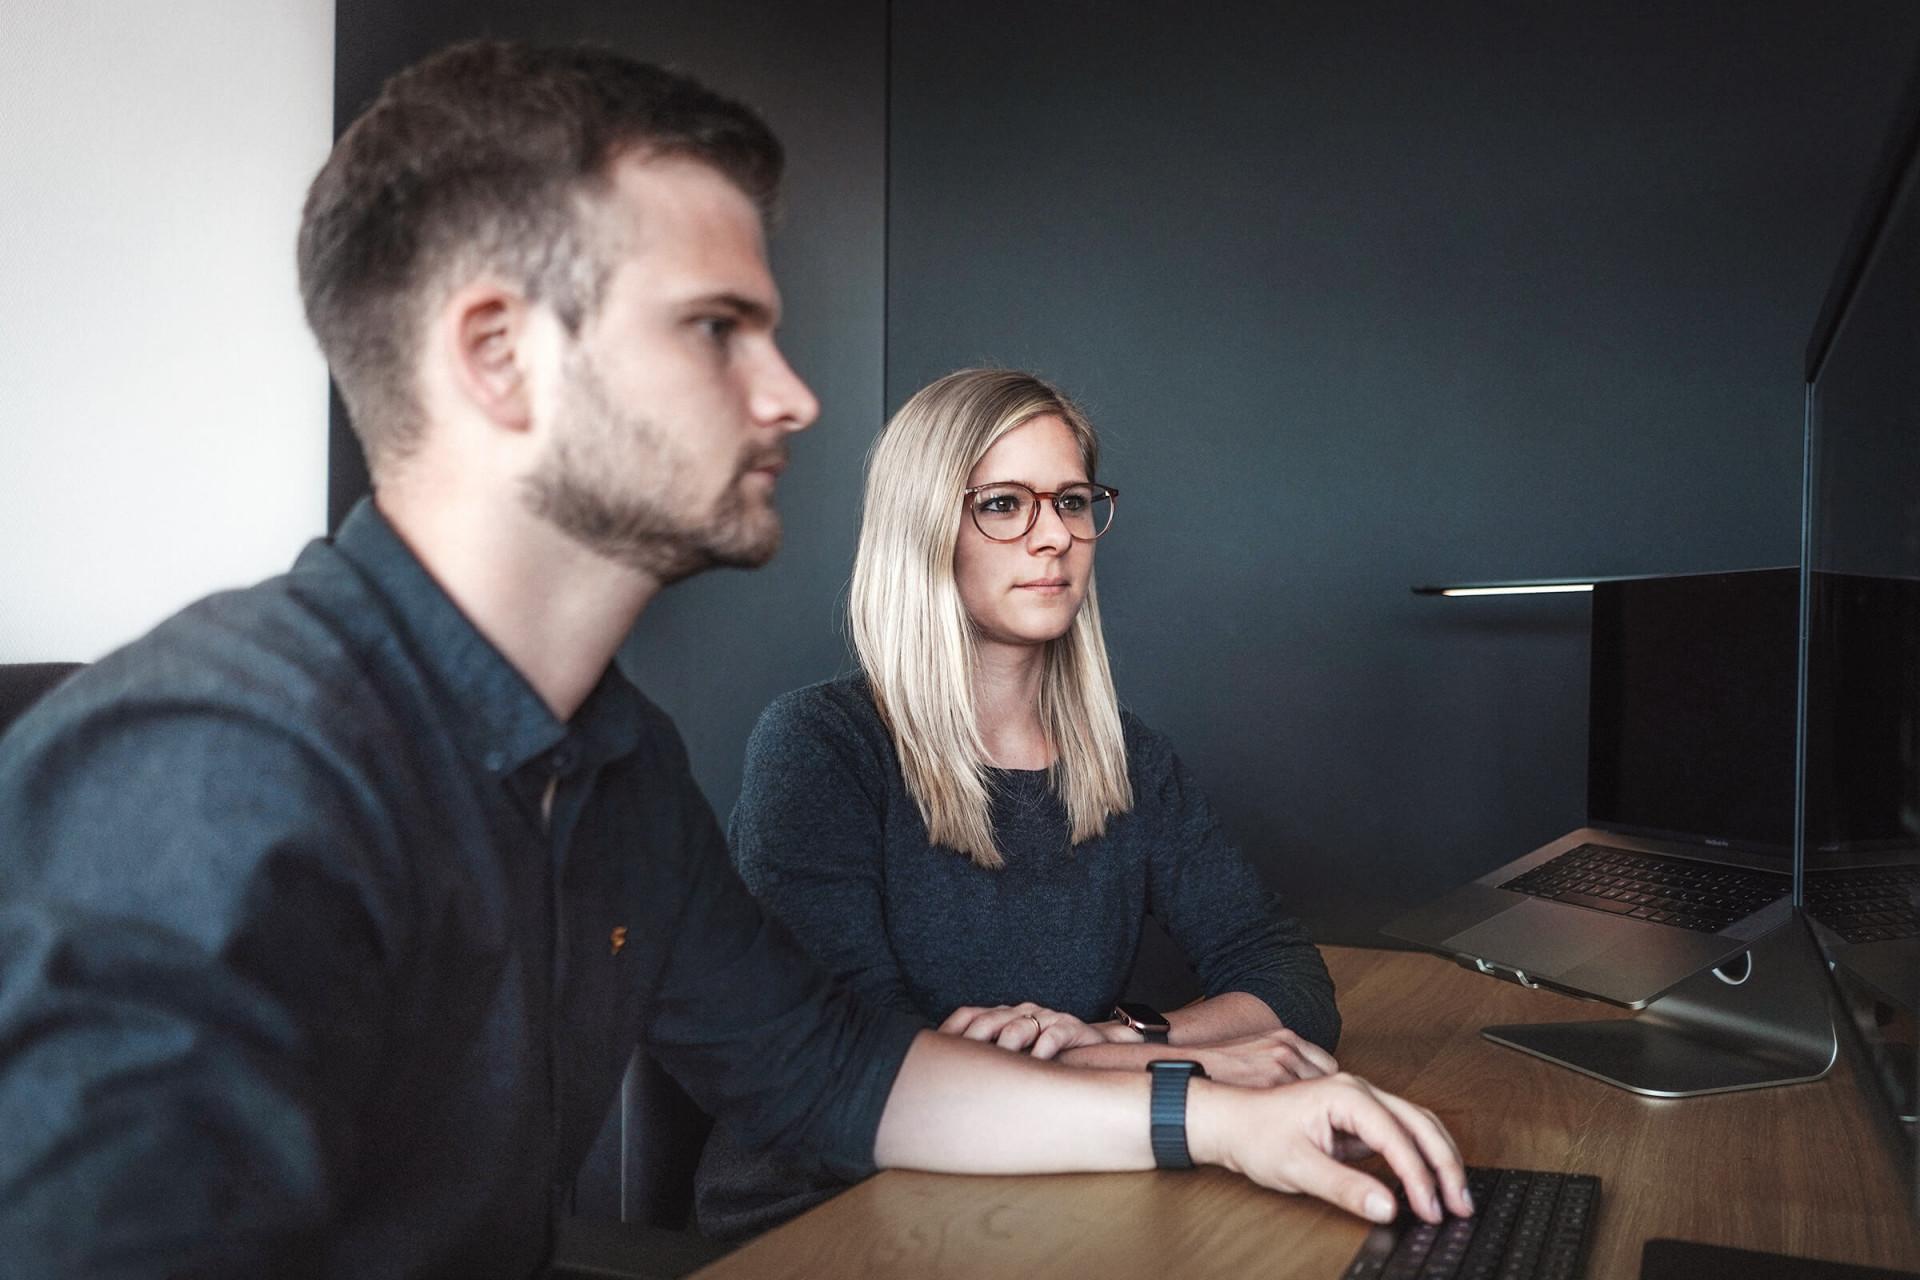 Gerrit und Nadine – STEILAUFWAERTS Crew